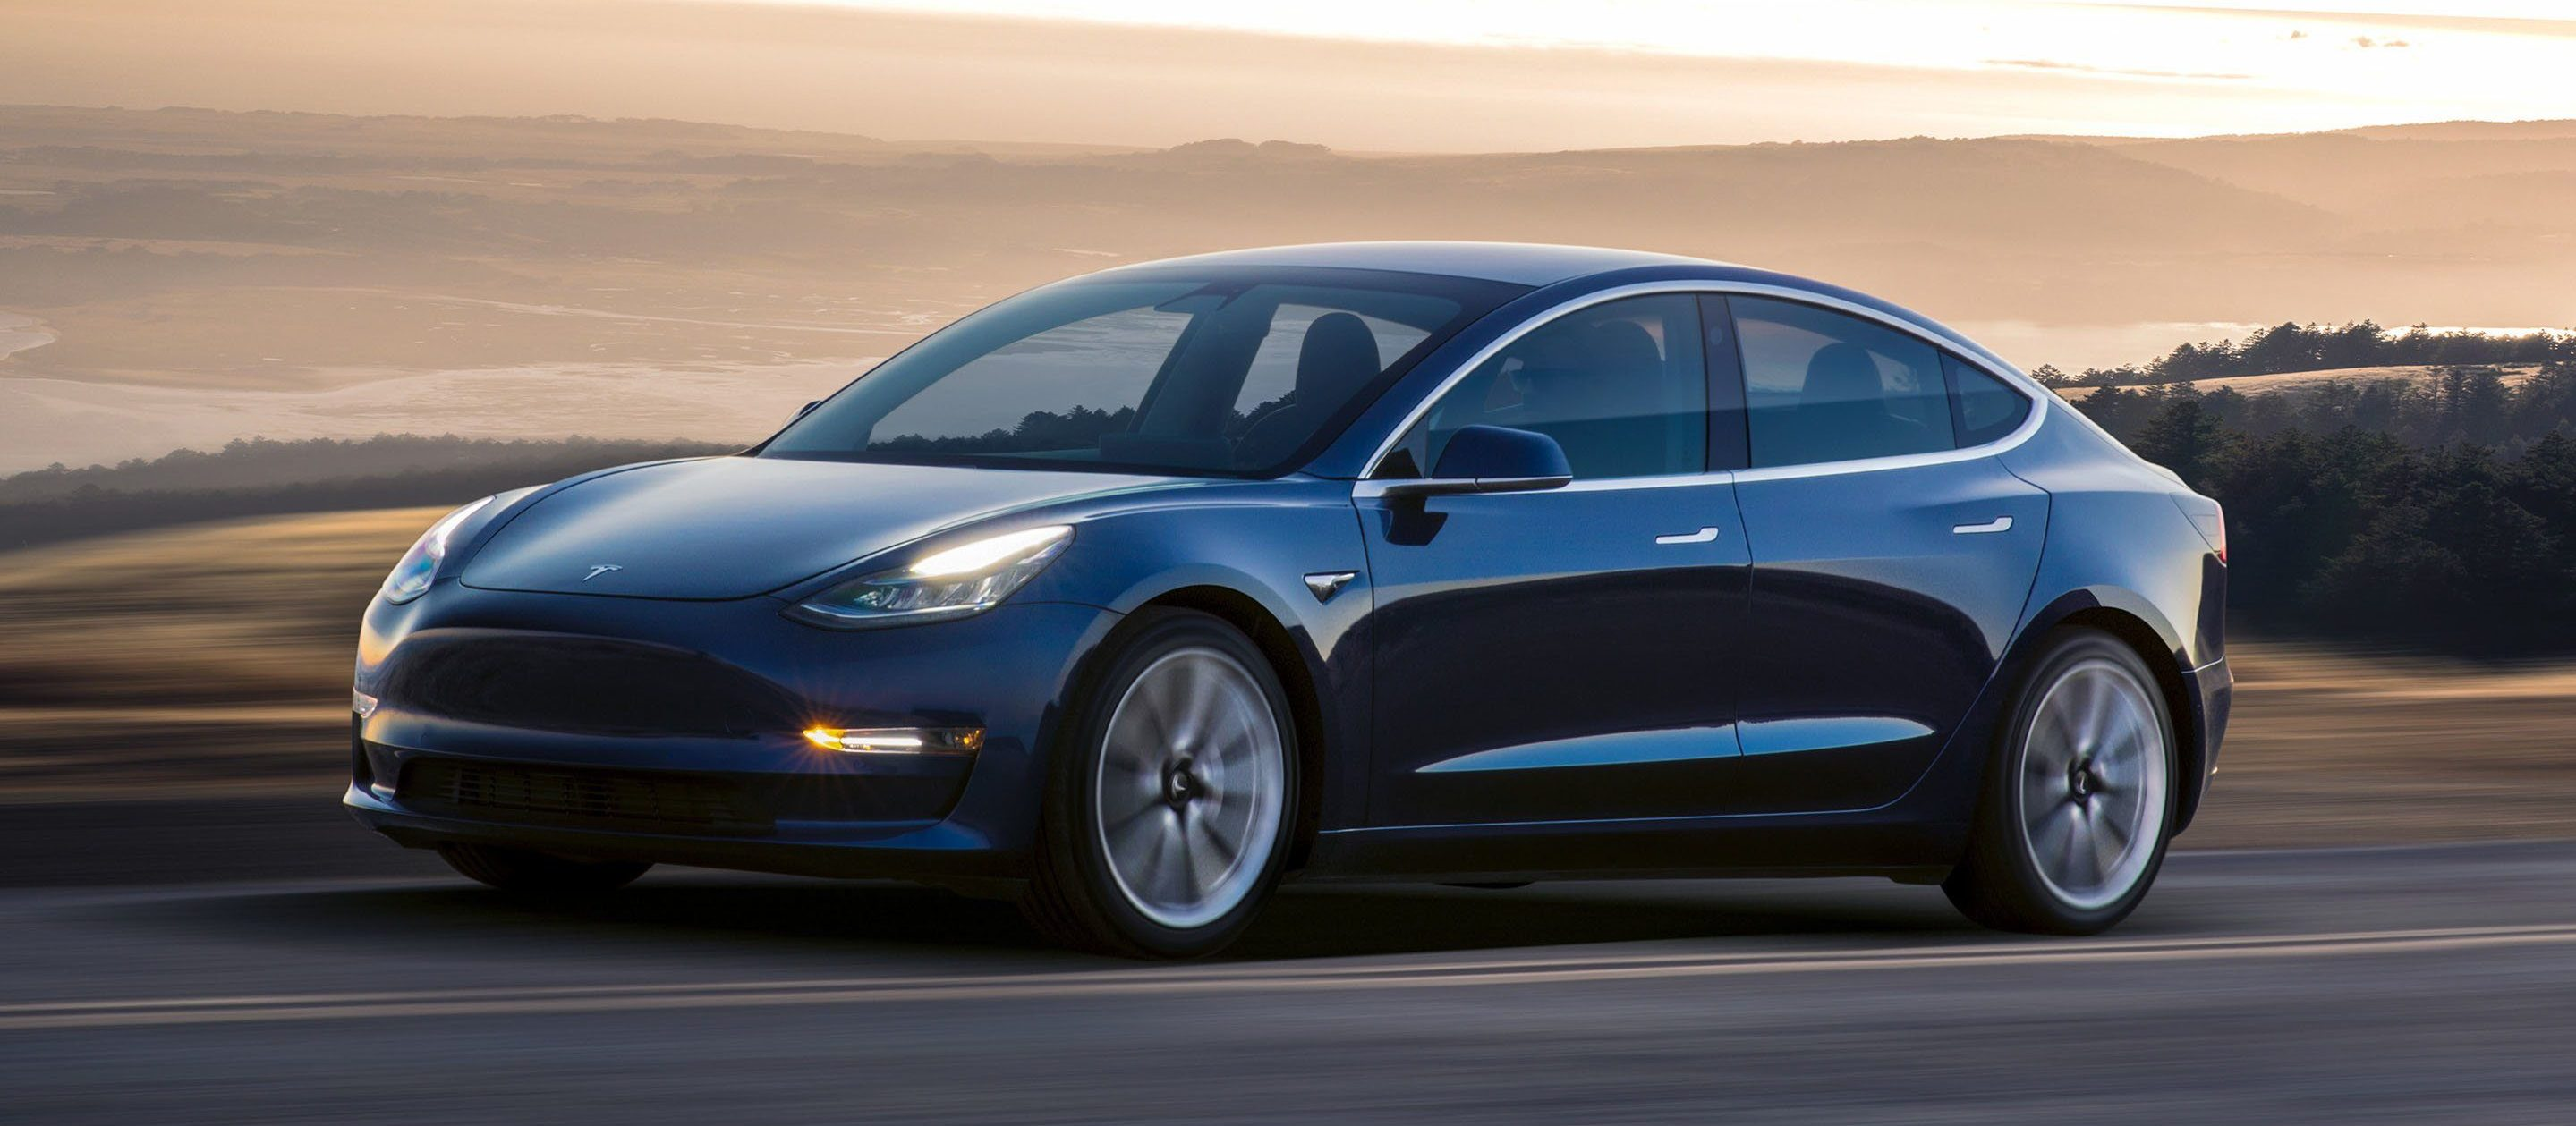 Elon Musk wie, co to oldschool. Tesla po aktualizacji uruchomi gry z Atari 16